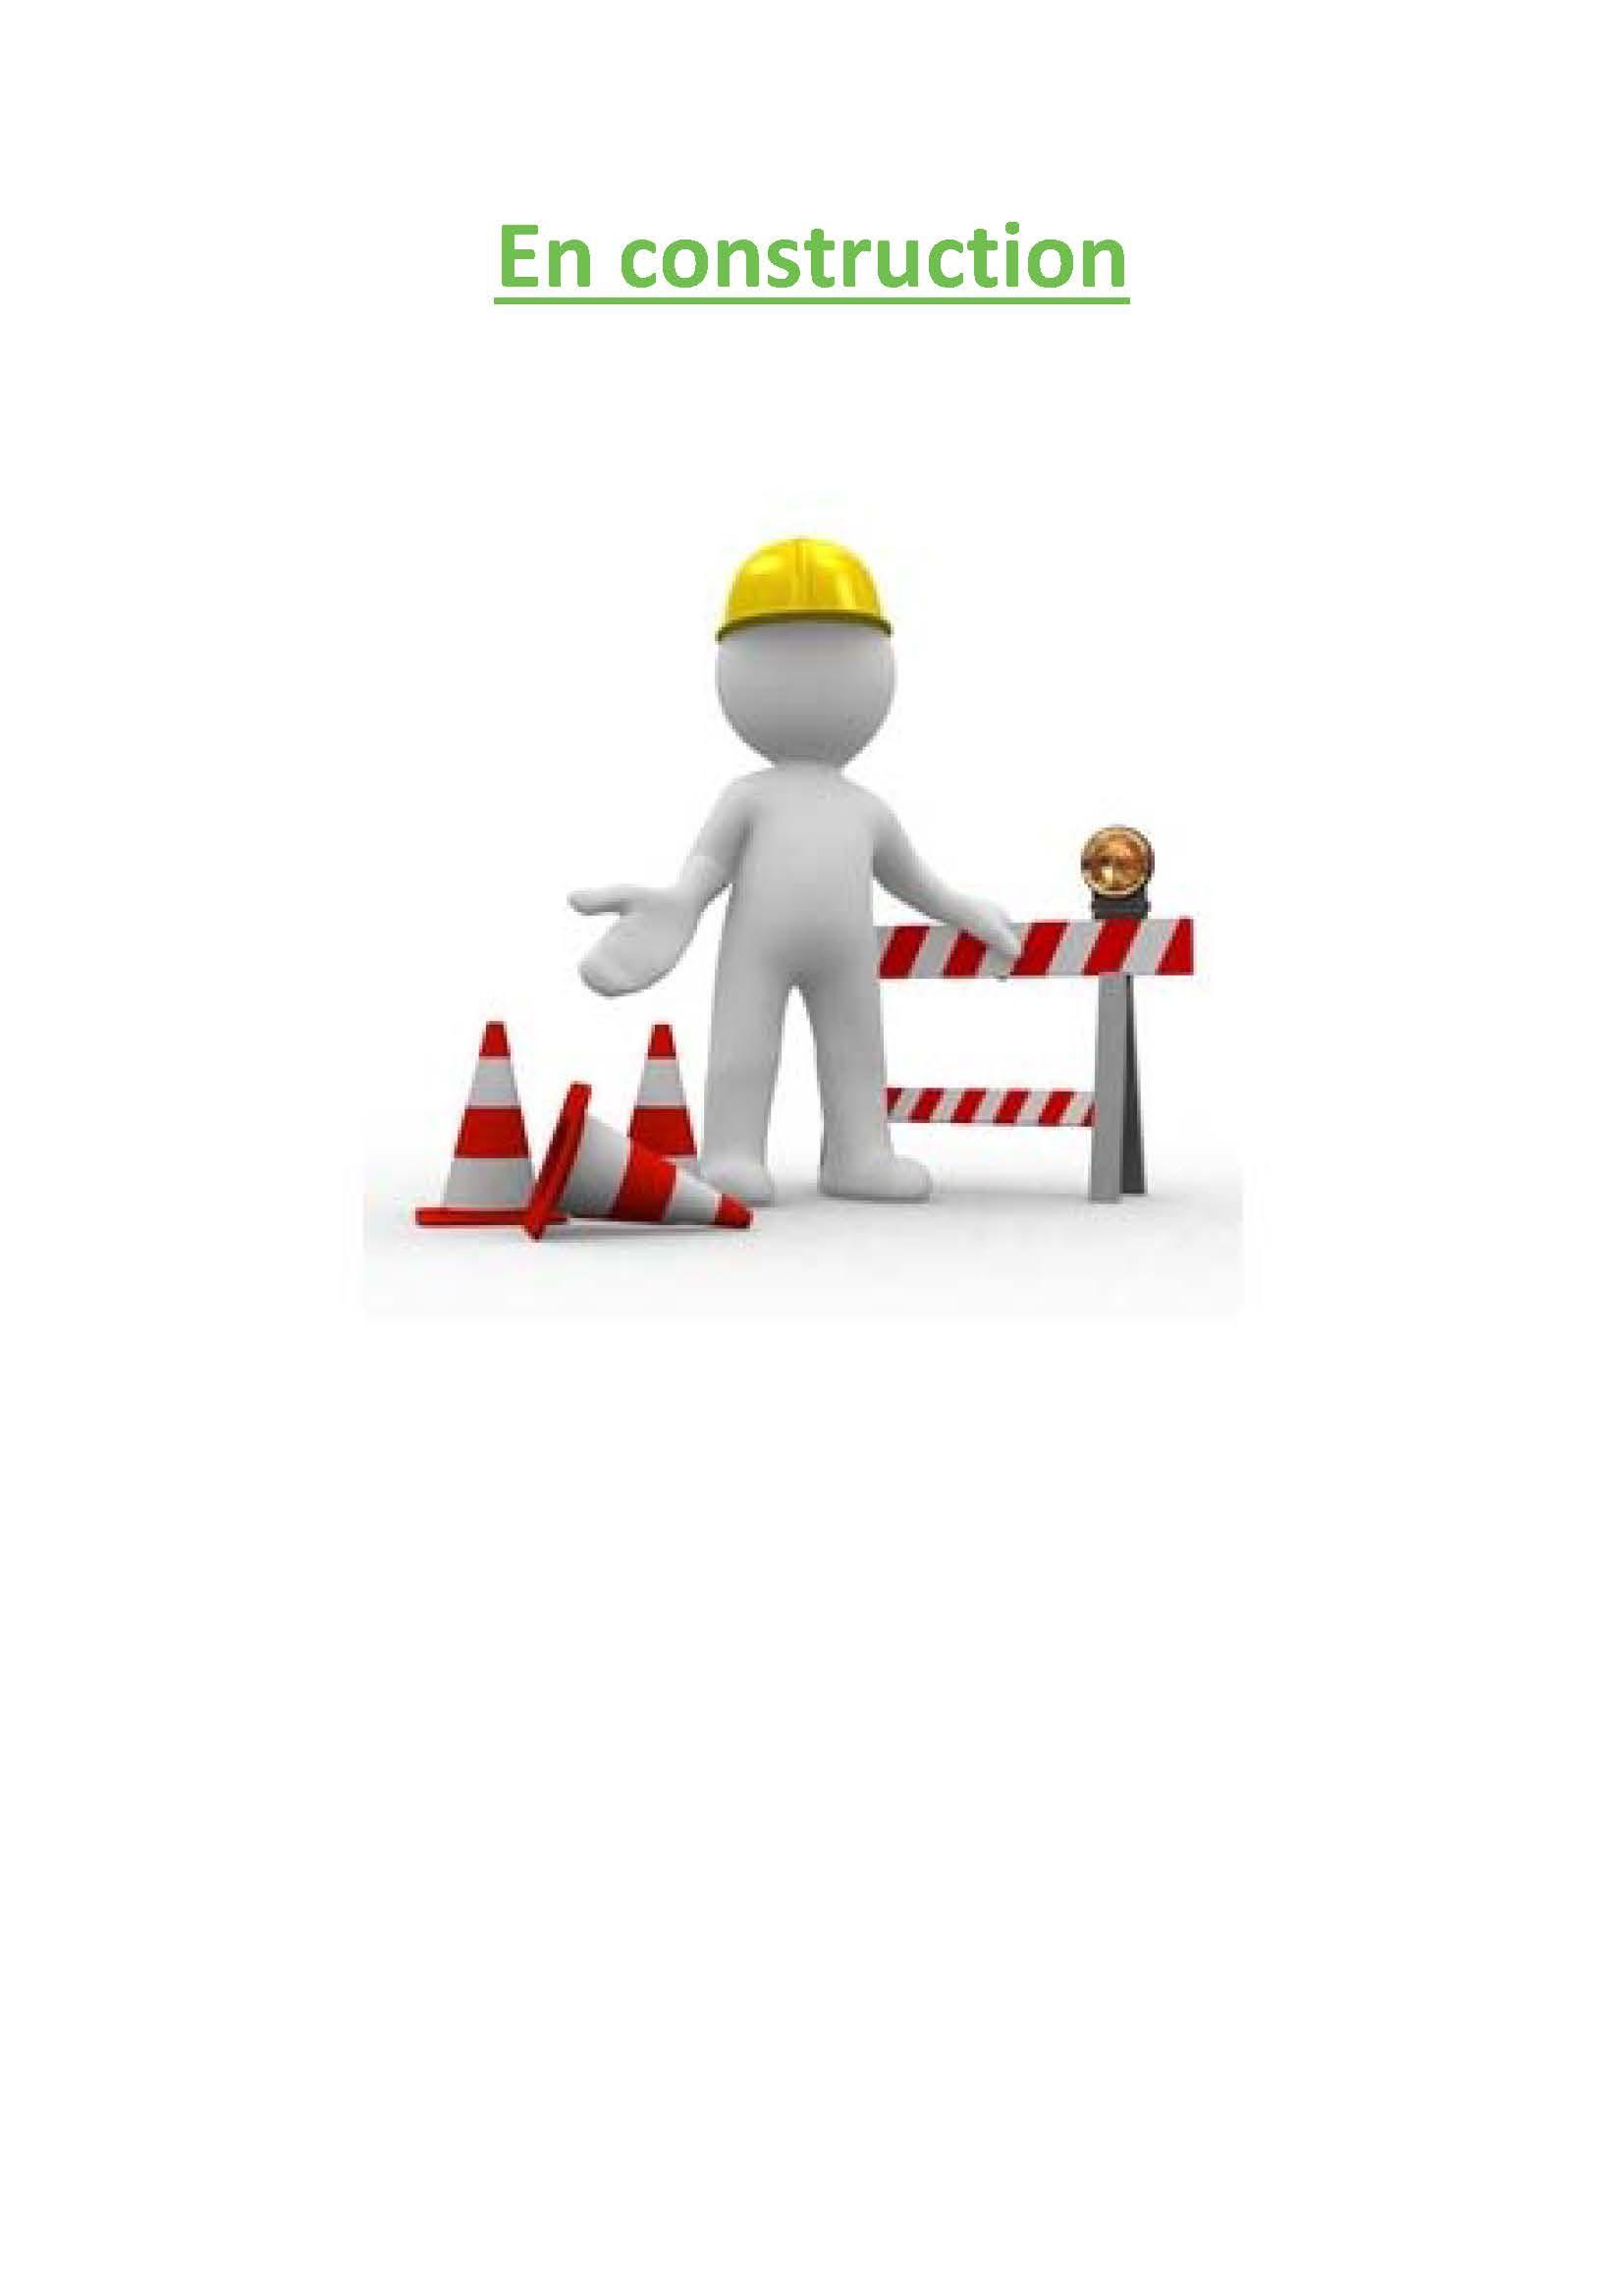 Faisabilité_button_En_construction